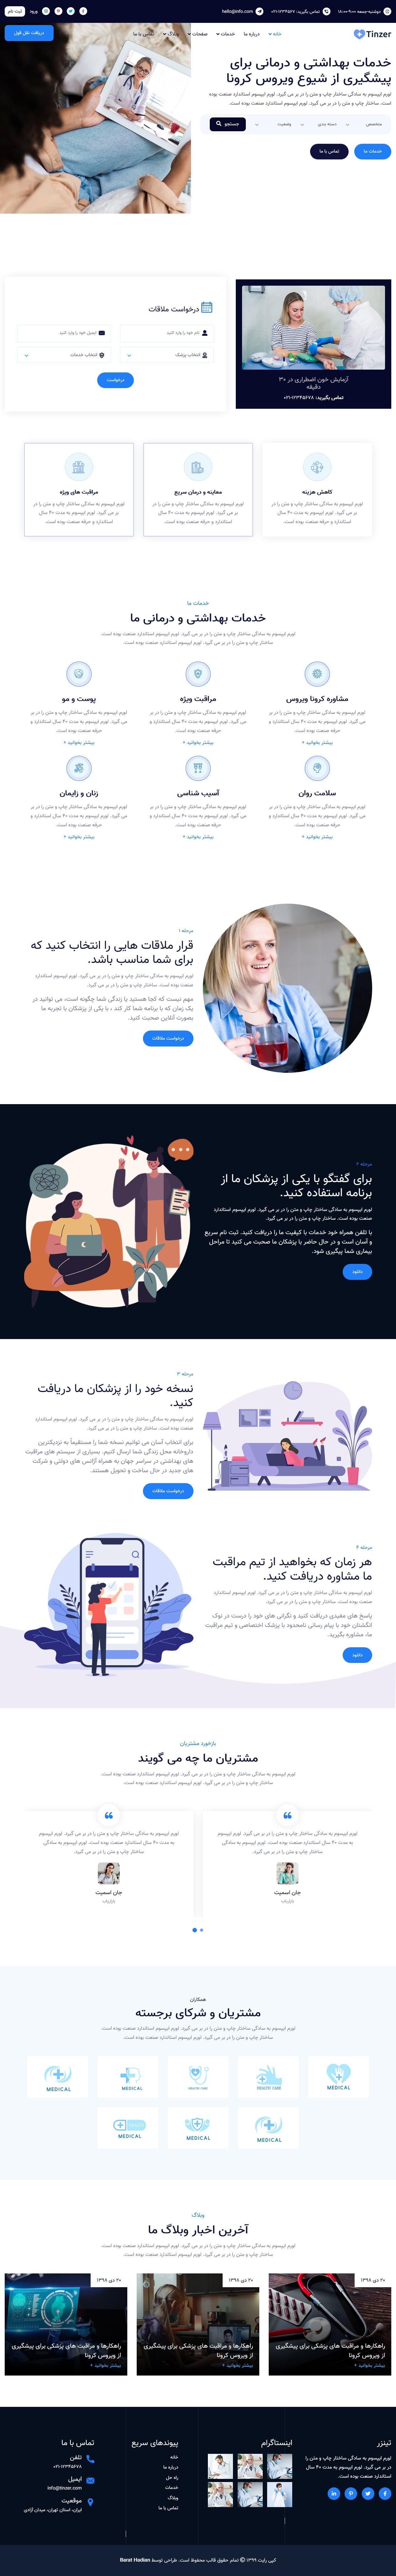 قالب HTML تینزر ، قالب HTML سایت مشاوره پزشکی وخدمات بهداشتی تینزر